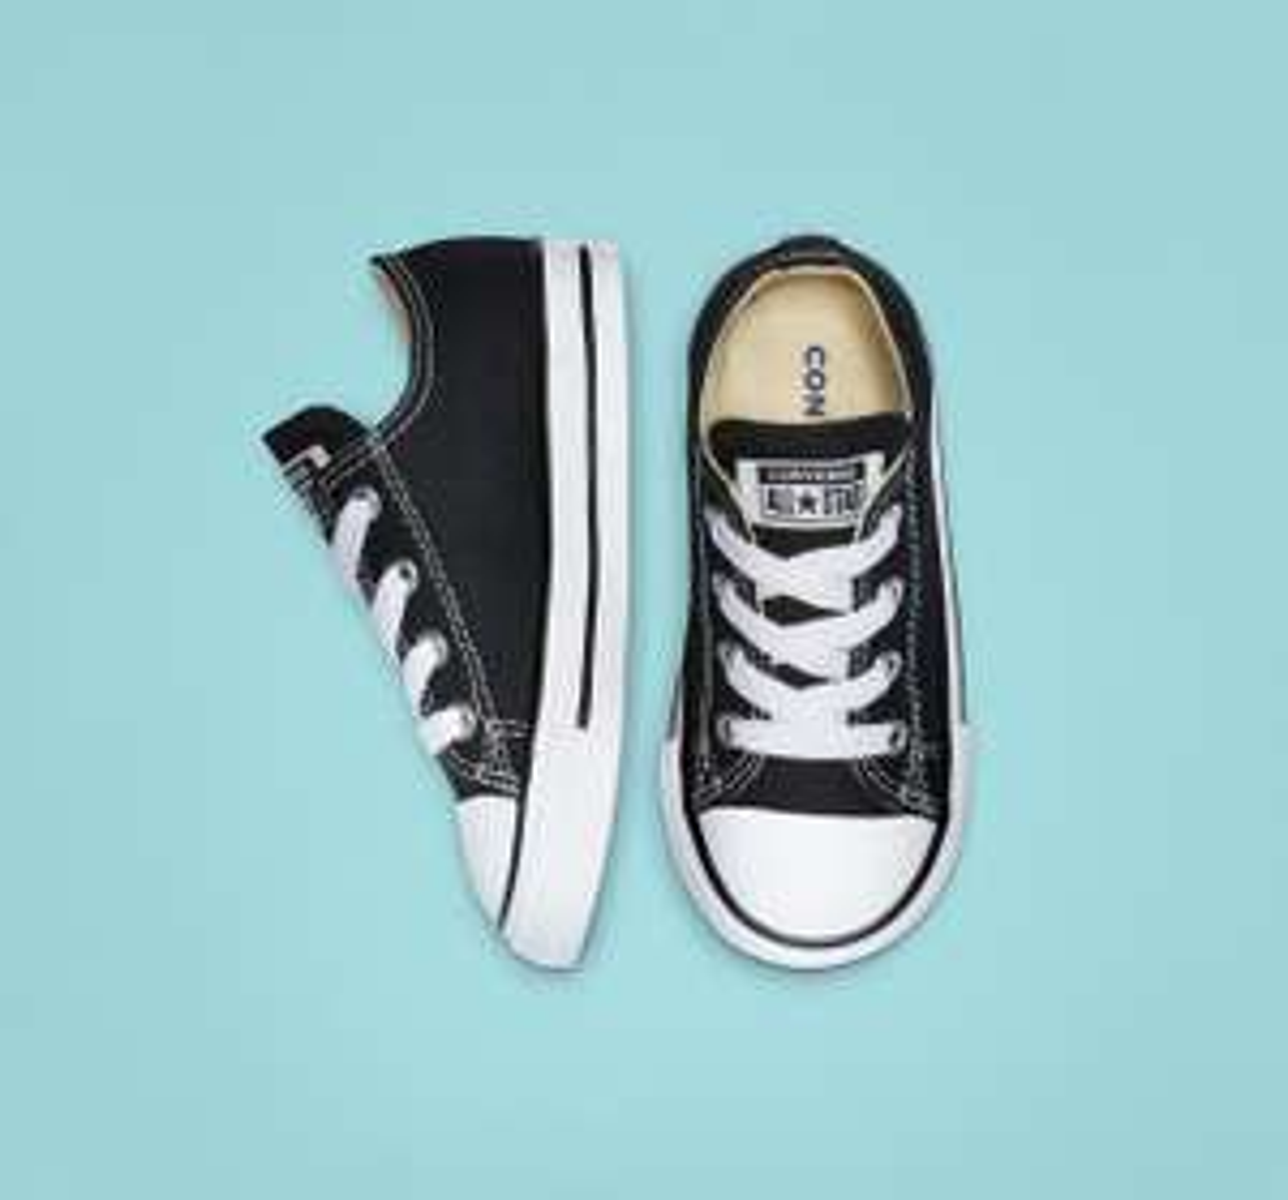 Converse All Star schoentjes - zwart en roze